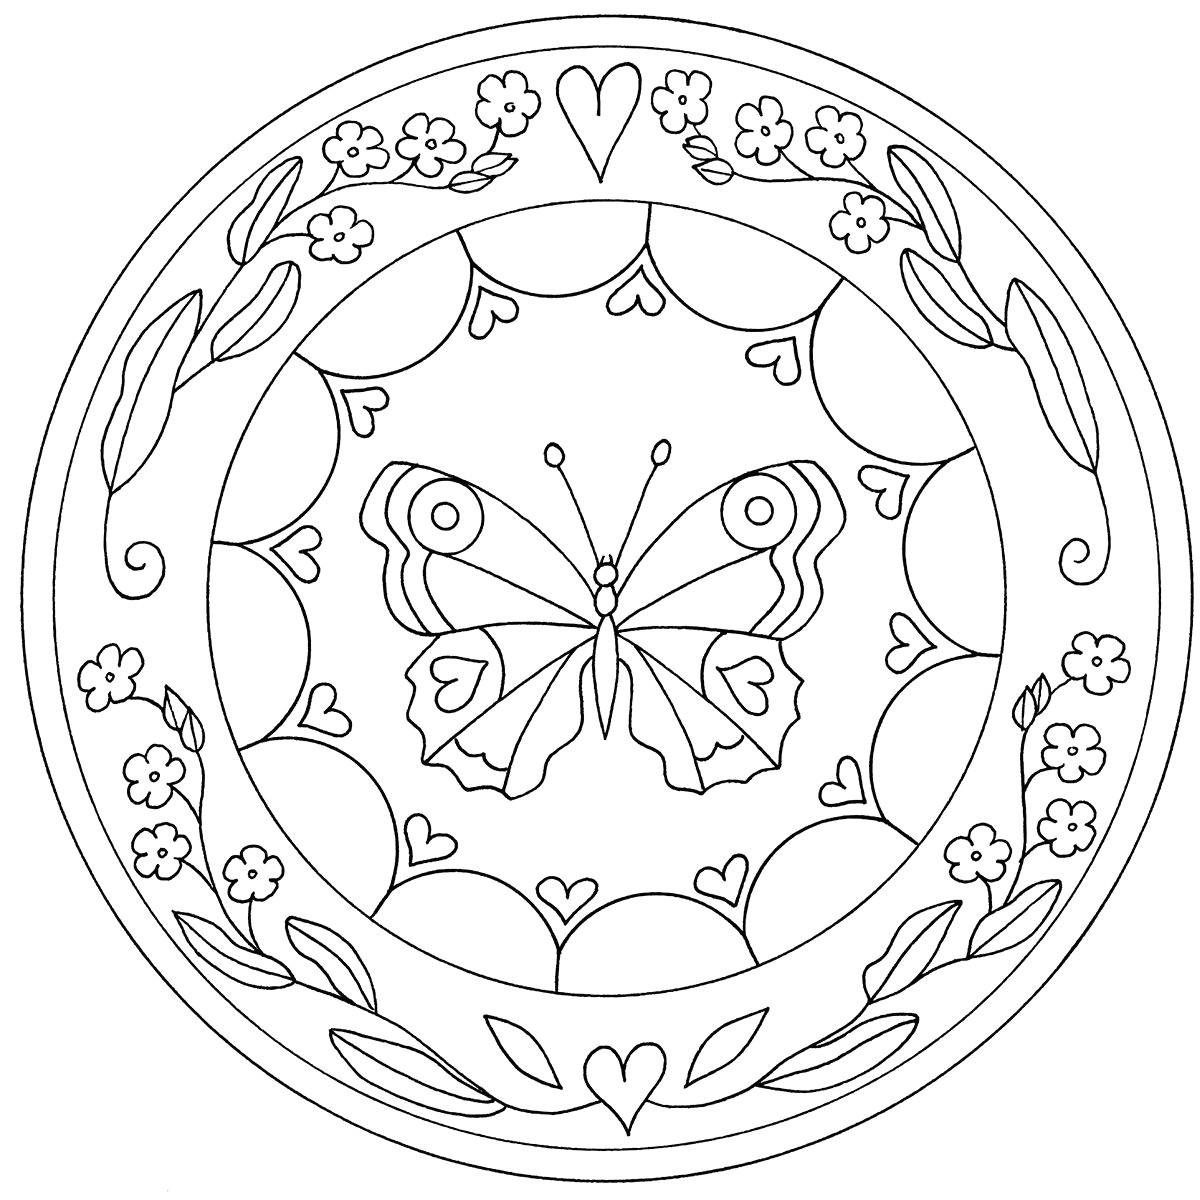 Ausmalbilder Mandalas Zum Ausdrucken - 1Ausmalbilder bestimmt für Mandala Ausmalbilder